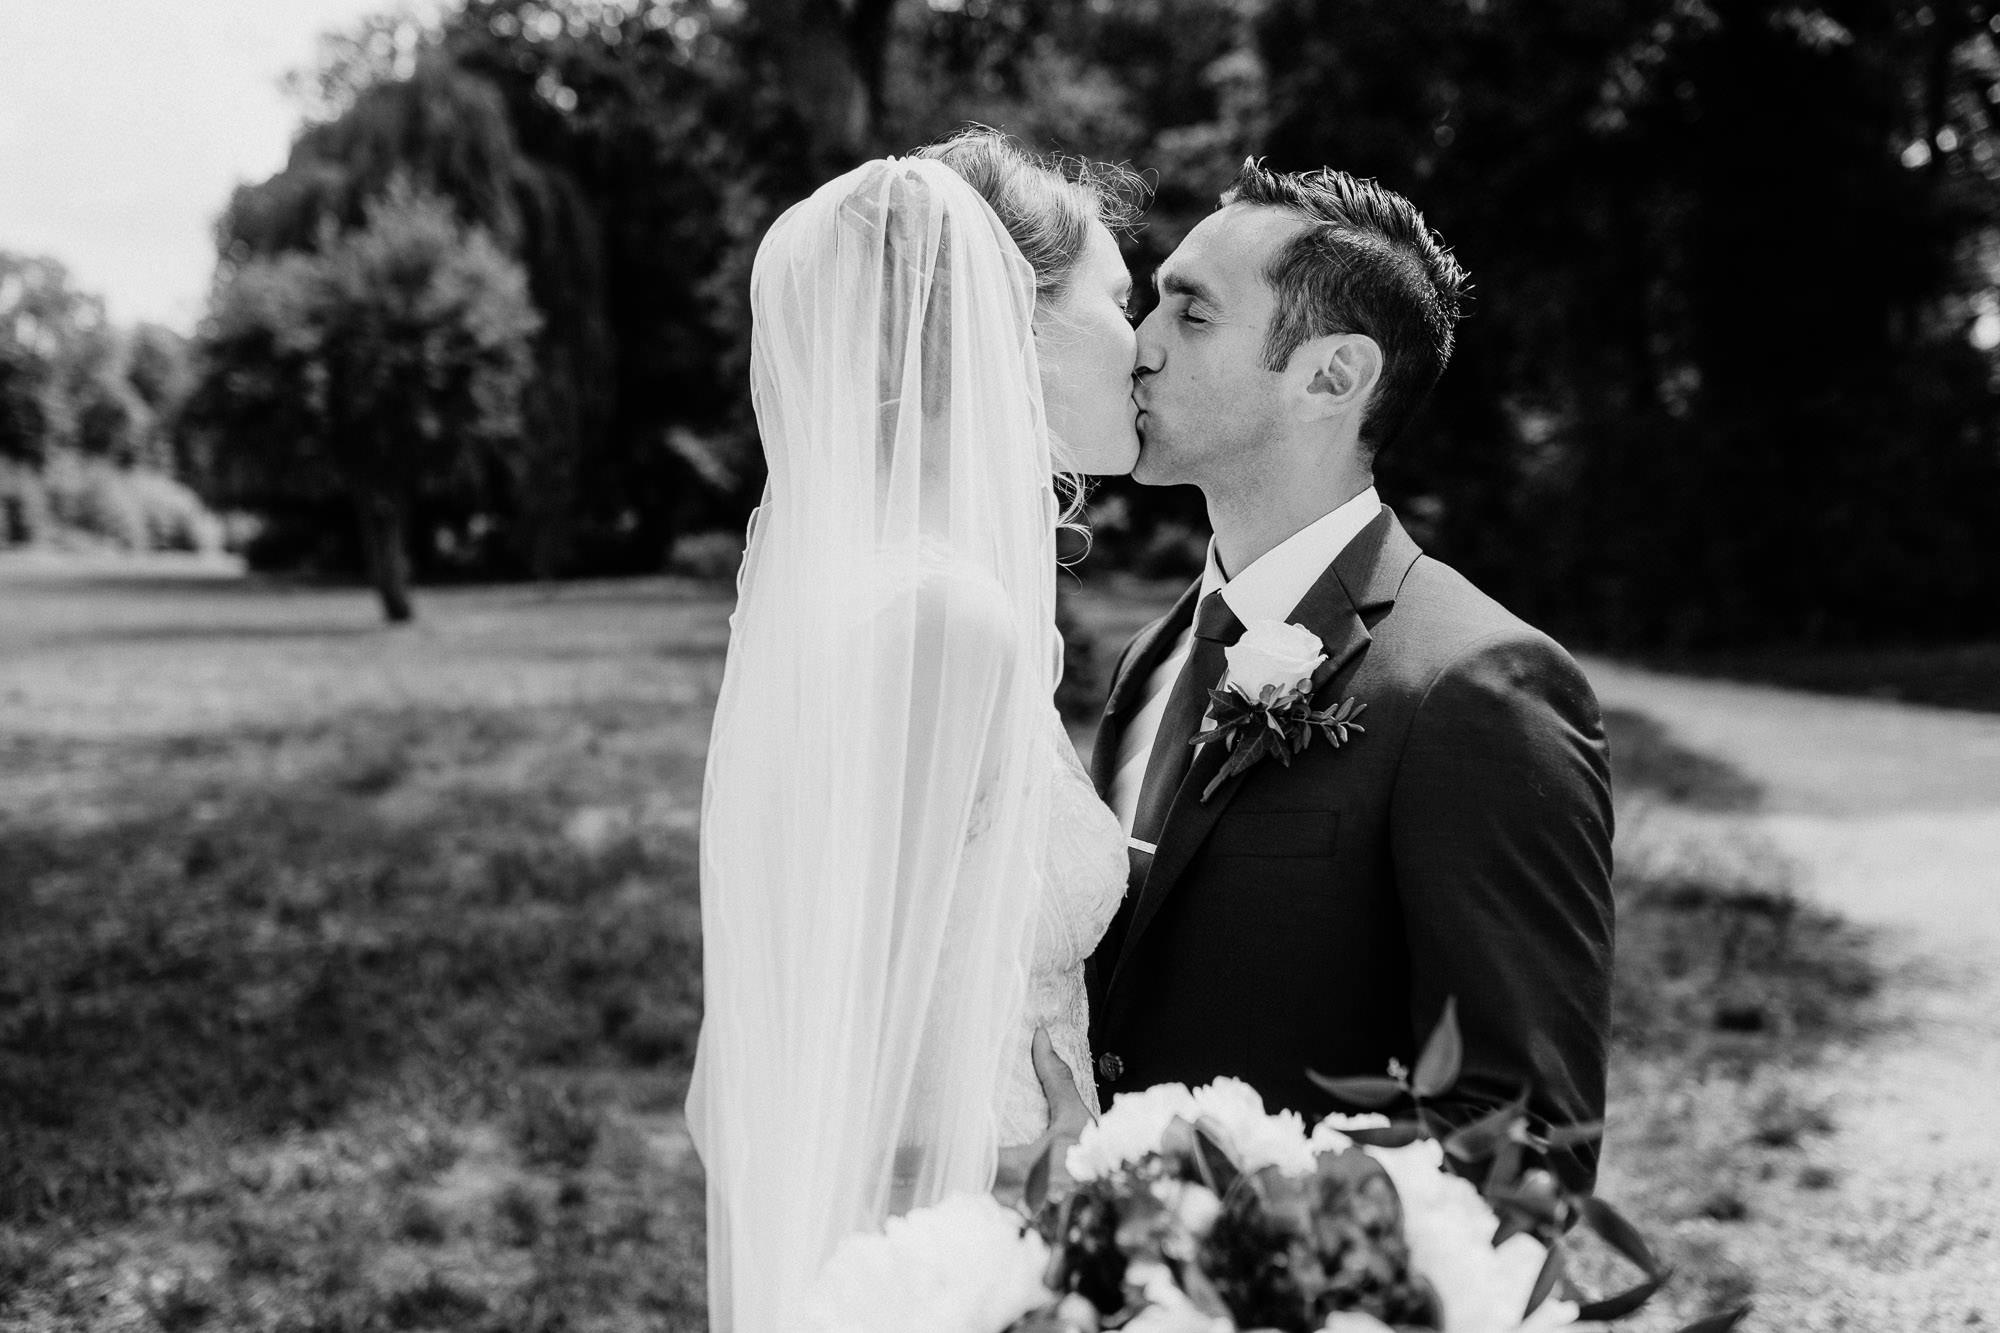 rustic-elegant-wedding-schloss-hochzeit-eyrichshof-franken-bamberg-041